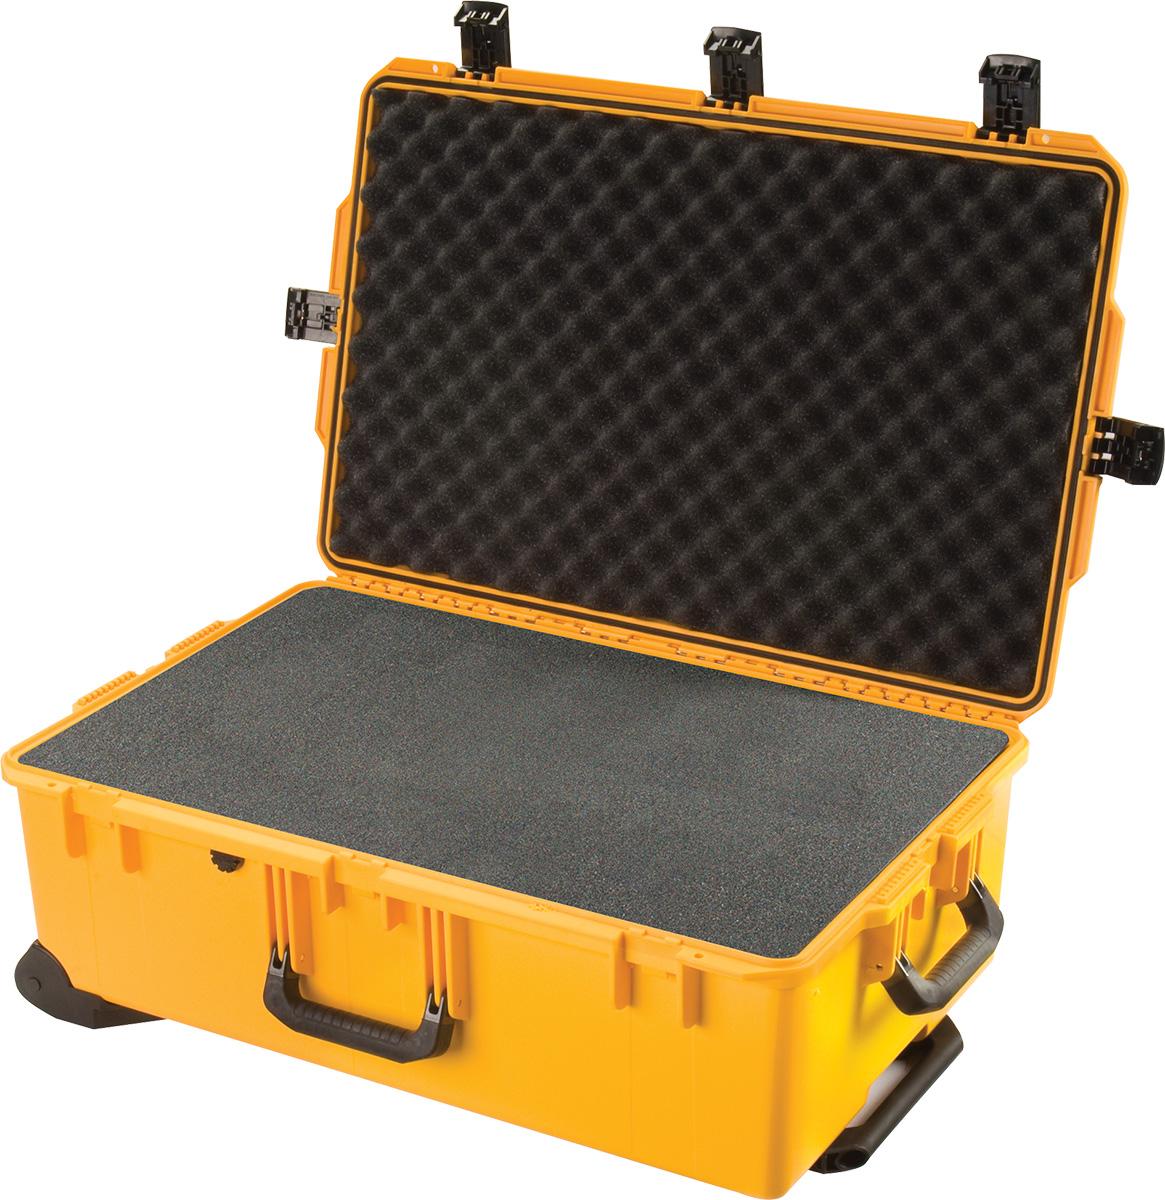 pelican im2950 waterproof case